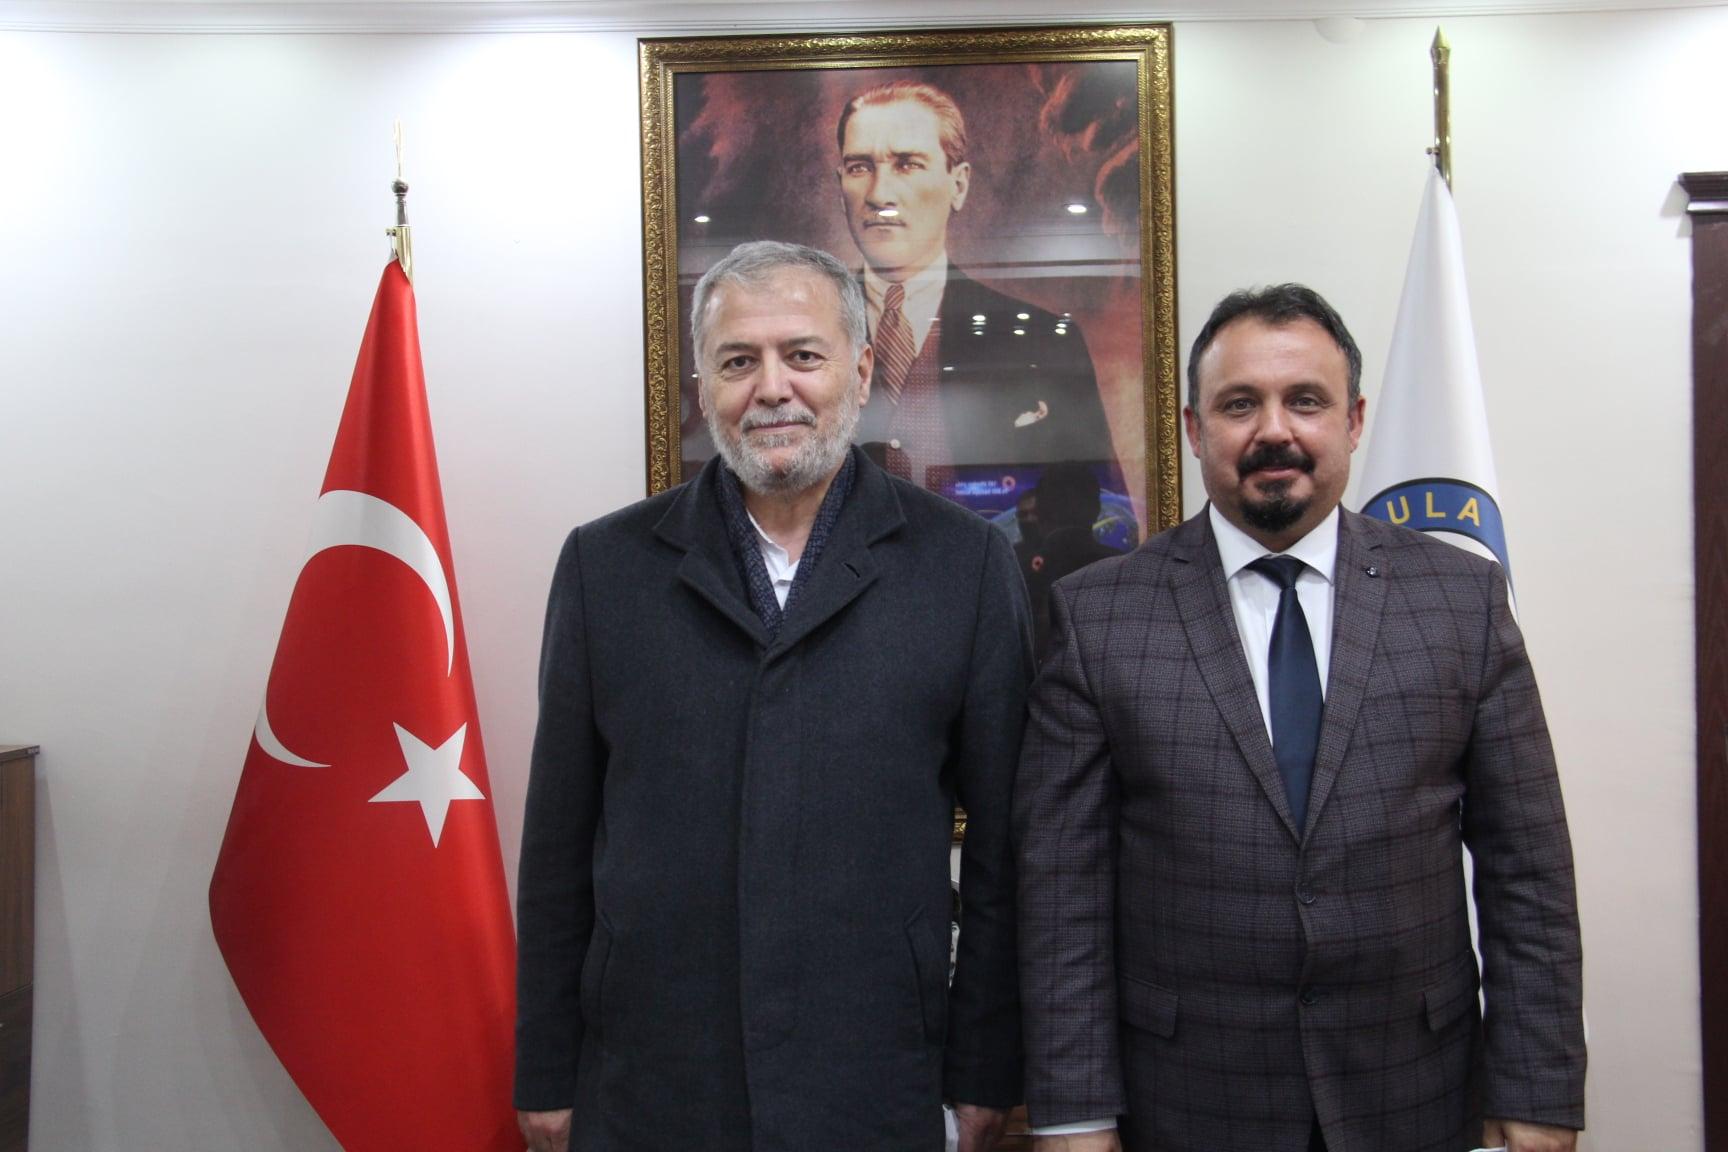 23. Dönem Ak Parti Muğla Milletvekili Sn. Dr. Mehmet Nil Hıdır Ziyaretimizde Bulundu